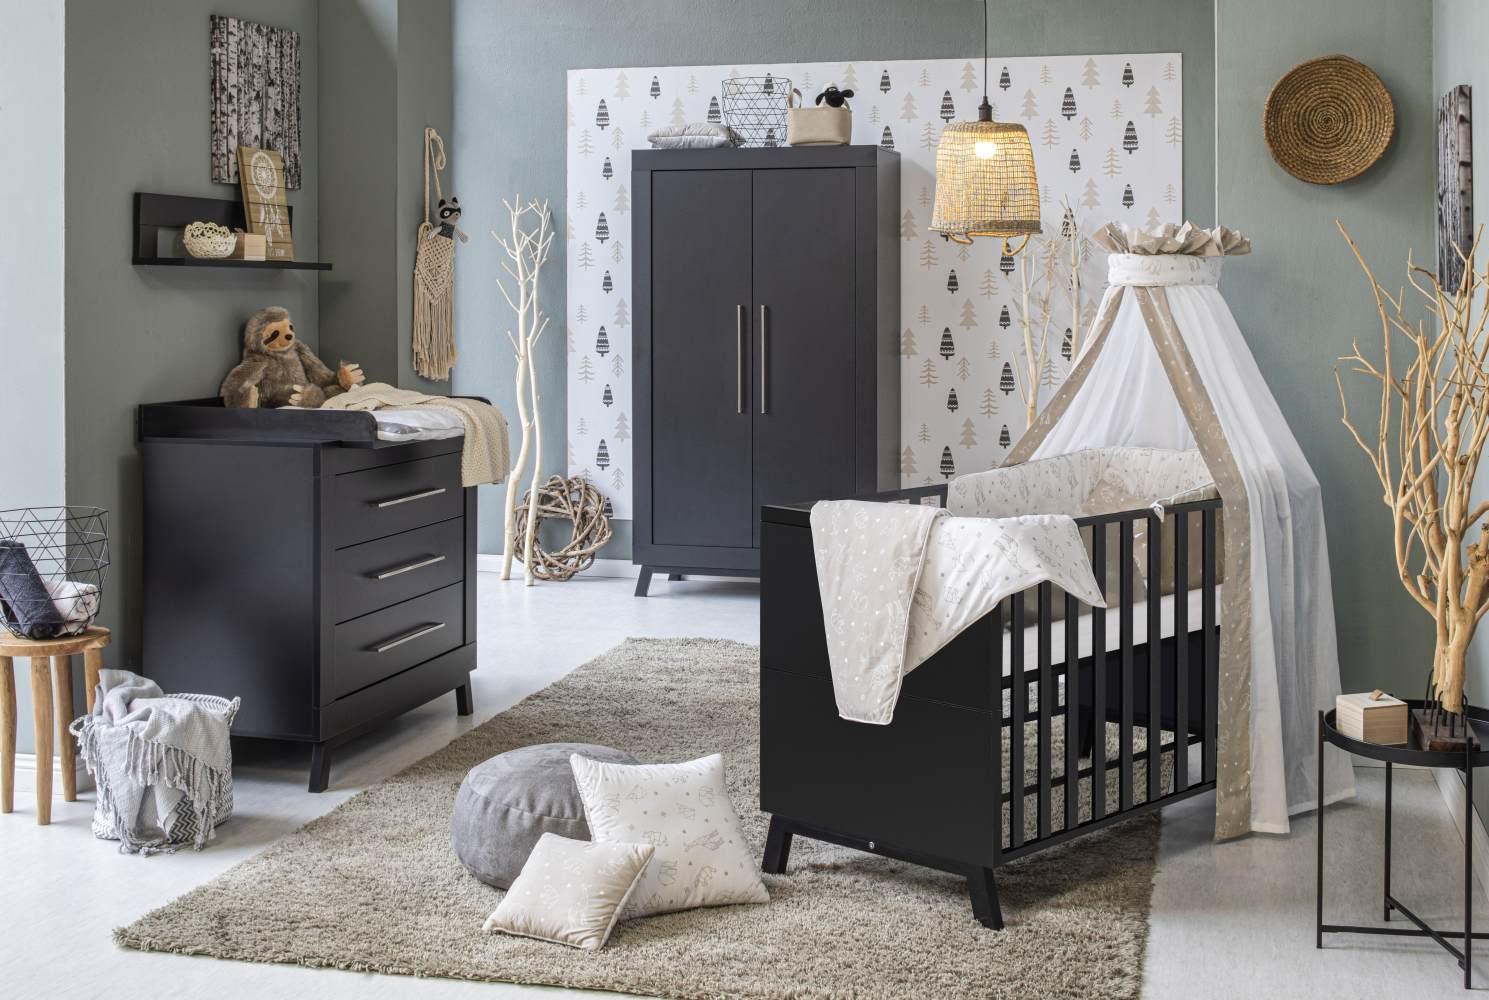 Schardt 'Miami Black' 3-tlg. Babyzimmer-Set, schwarz, 2-türiger Schrank Bild 1